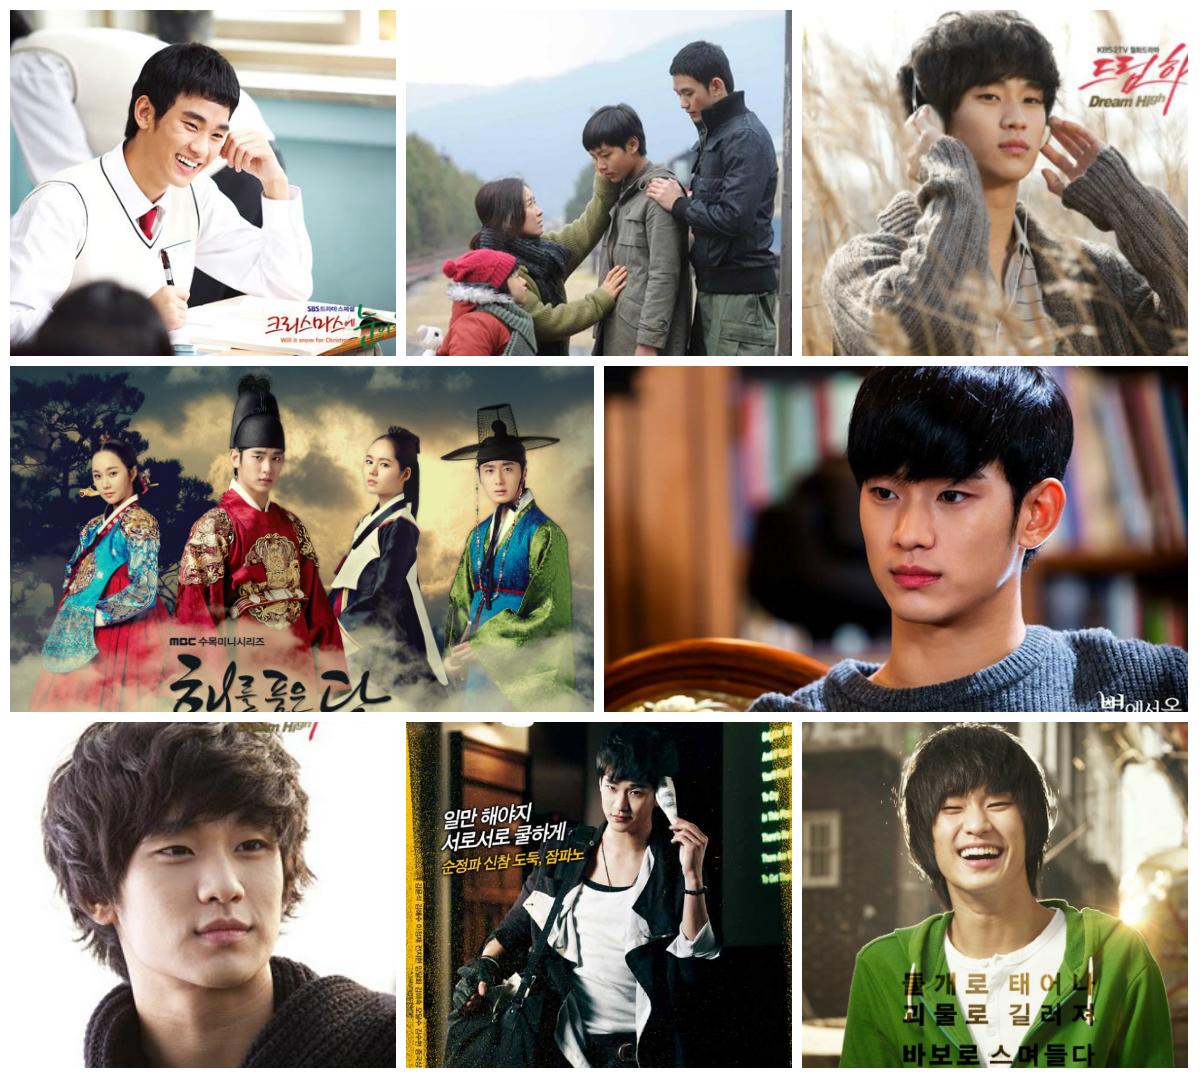 Kim Soo Hyun filmography